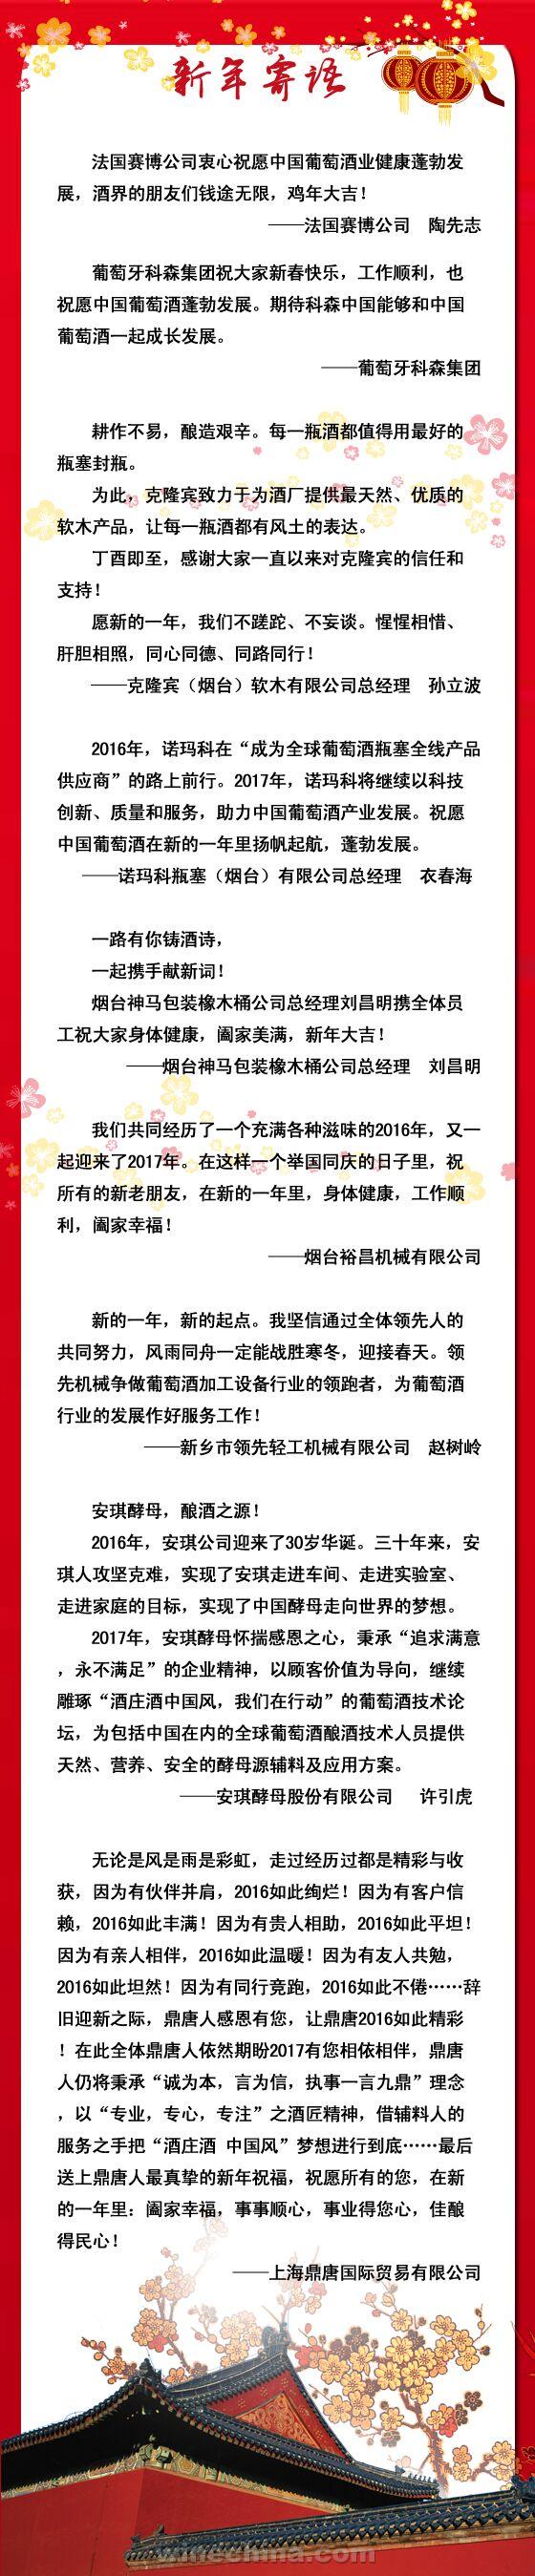 中国葡萄酒行业新年寄语(十)